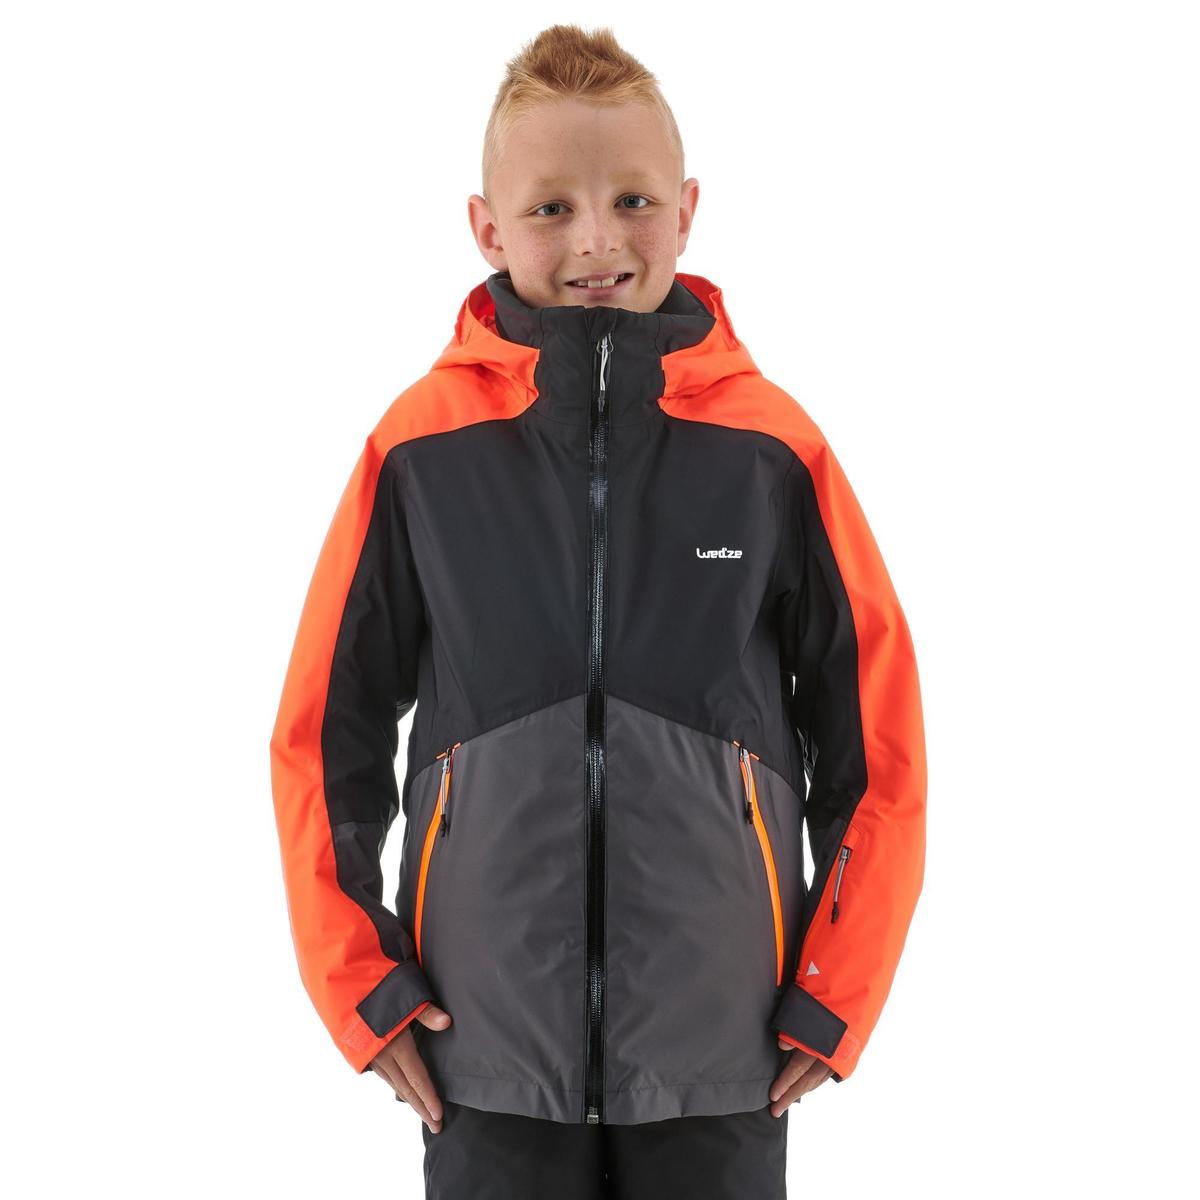 Bild 3 von Skijacke 580 Kinder schwarz/neonorange